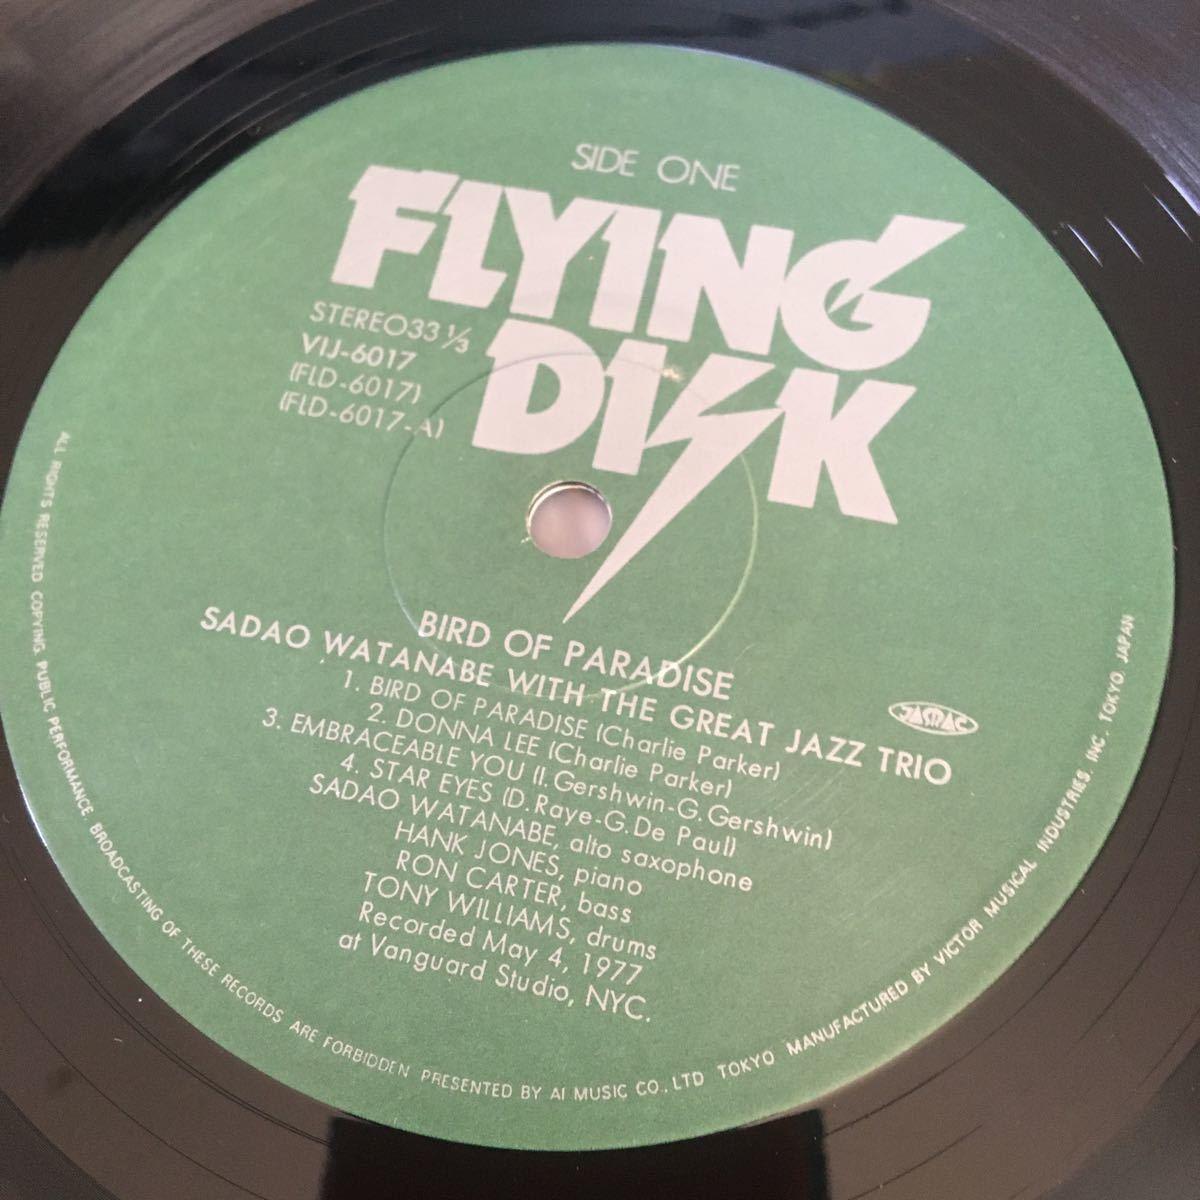 【渡辺貞夫/カリフォルニアシャワー&パード・オブ・パラダイス】SADAO ナベサダ LPレコード FLYING DISK ビクター 名盤【20/03 ST】_画像7